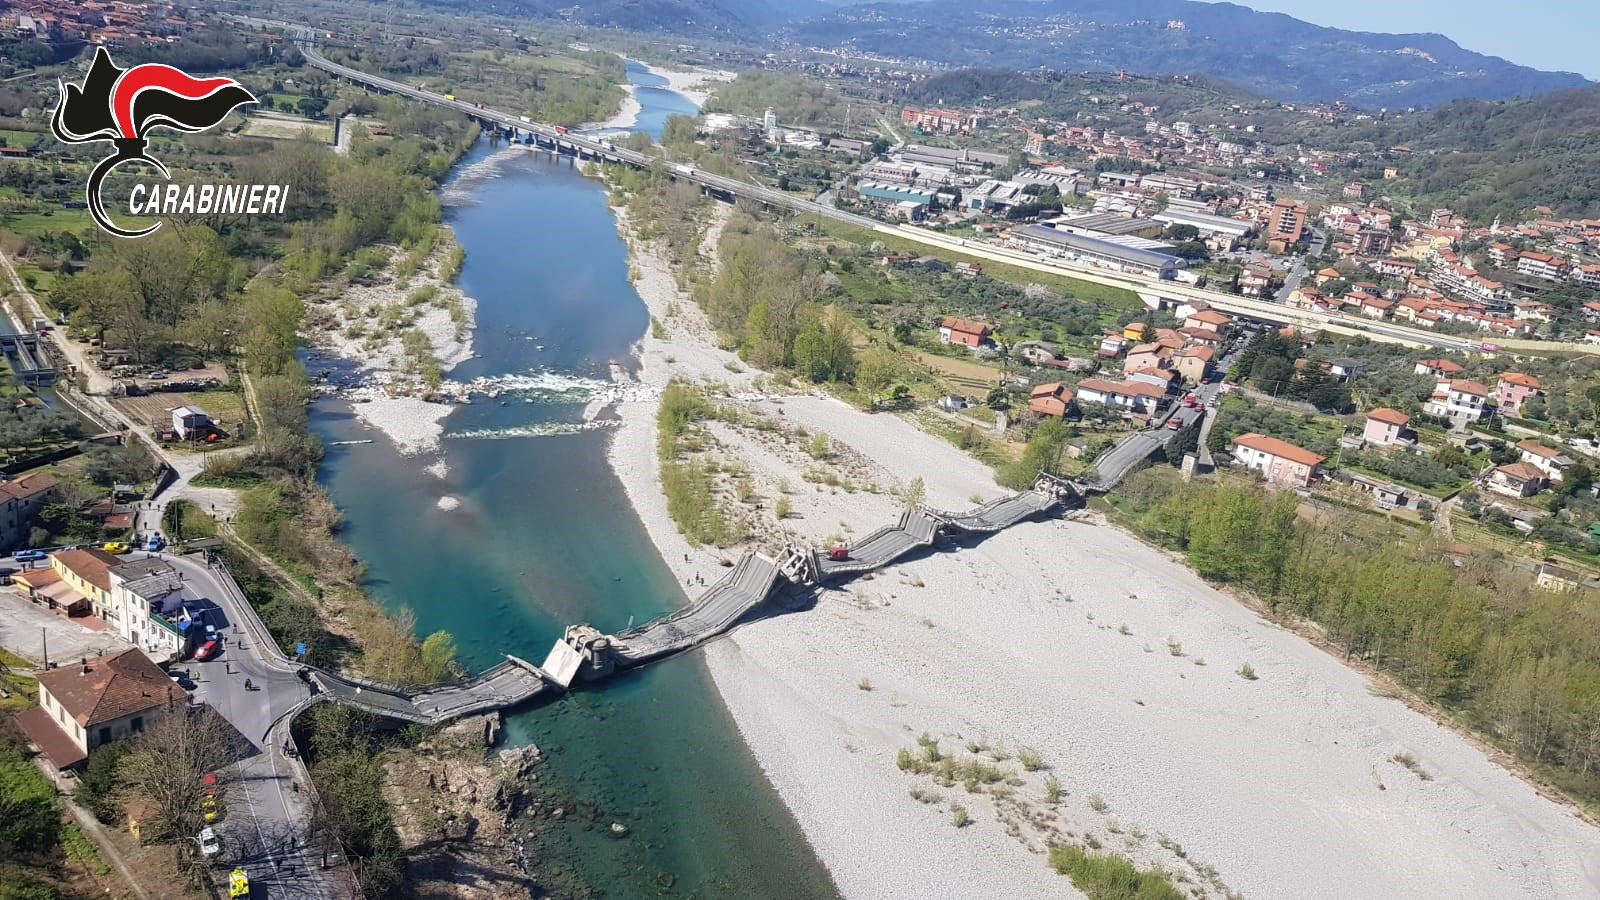 انهيار جسر للسيارات شمال إيطاليا